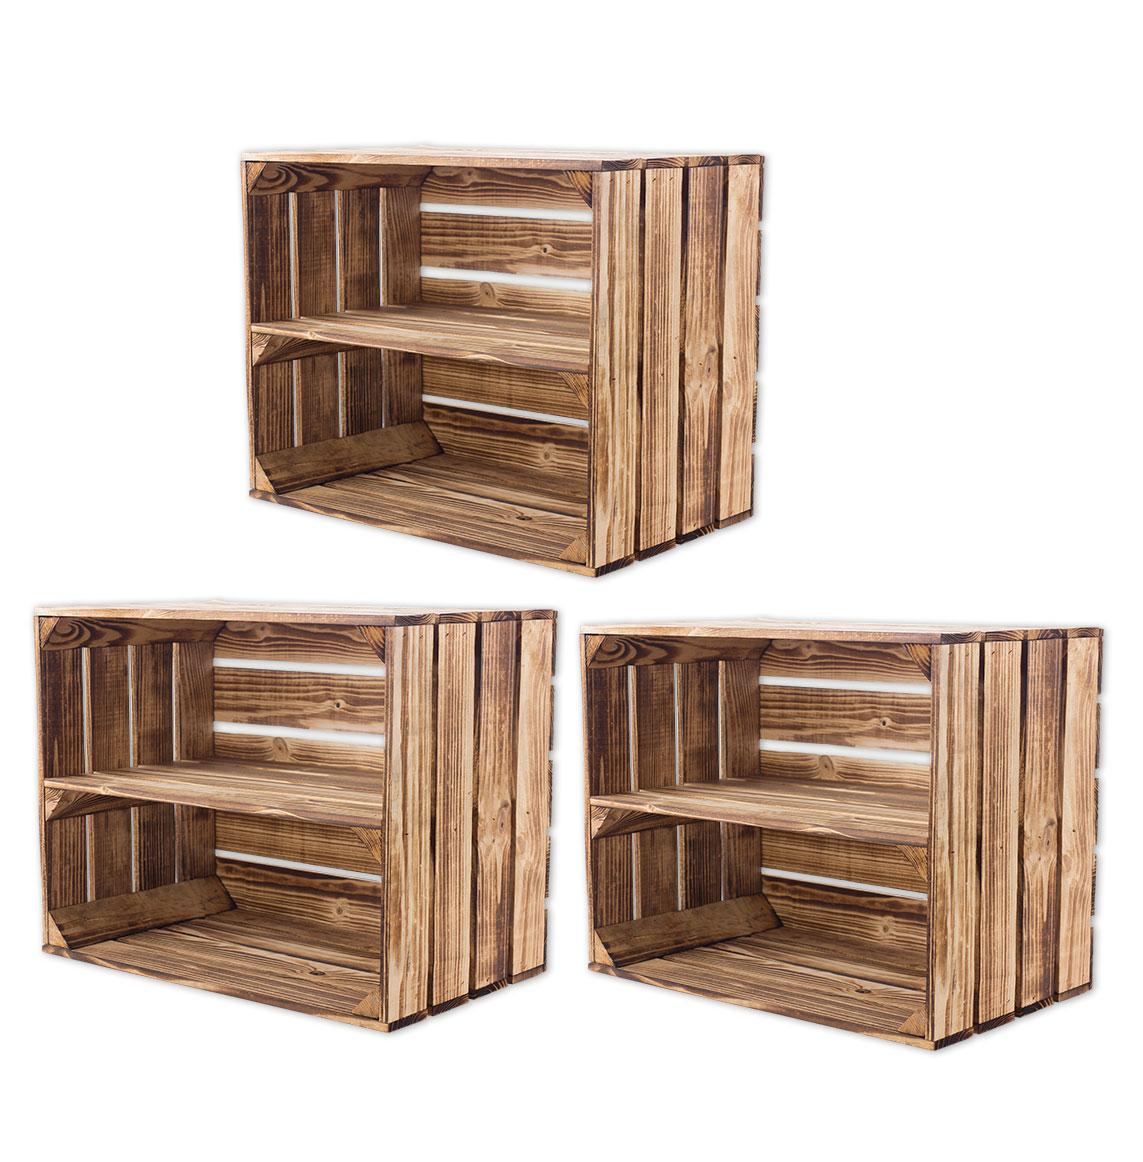 Gemisches Set aus geflammten Holzkisten mit Mittelbrett 50x40x30cm